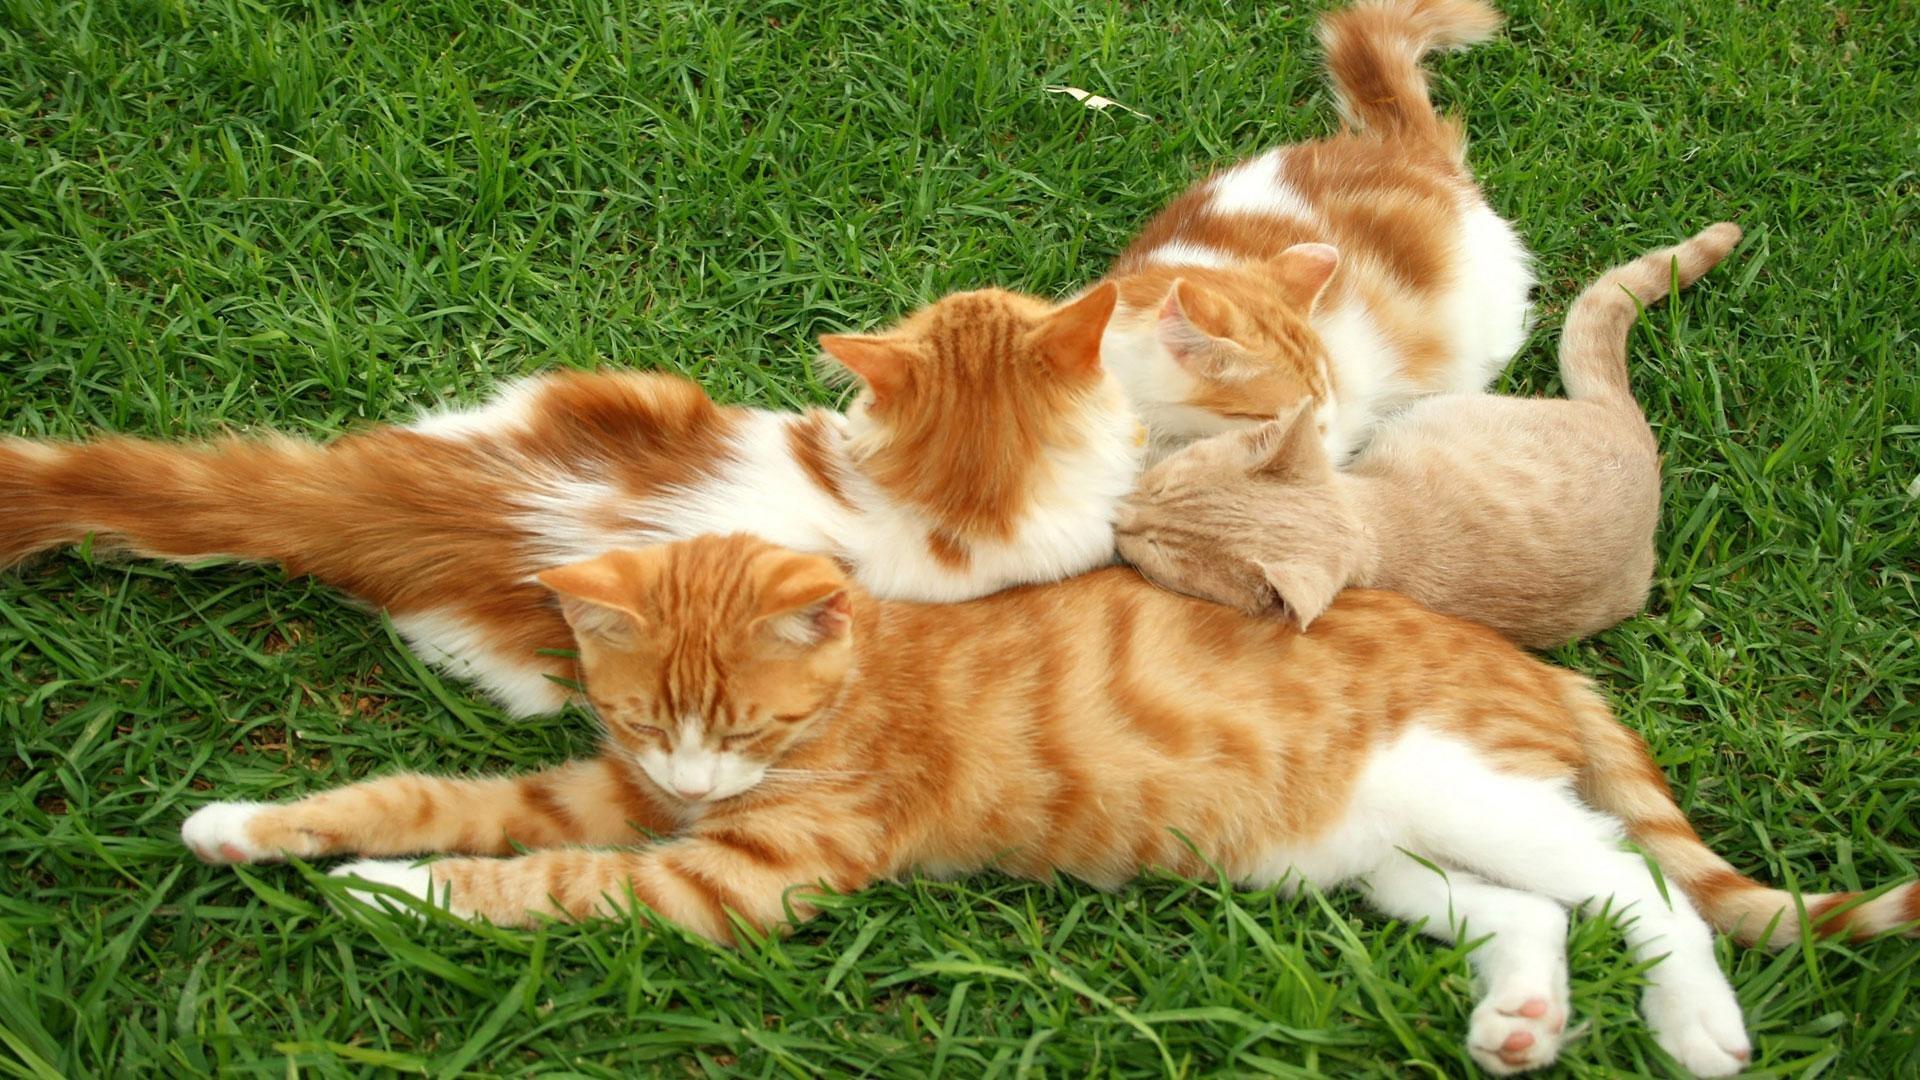 Pets Cat Cat Animal Pet Cats Kitty Cute